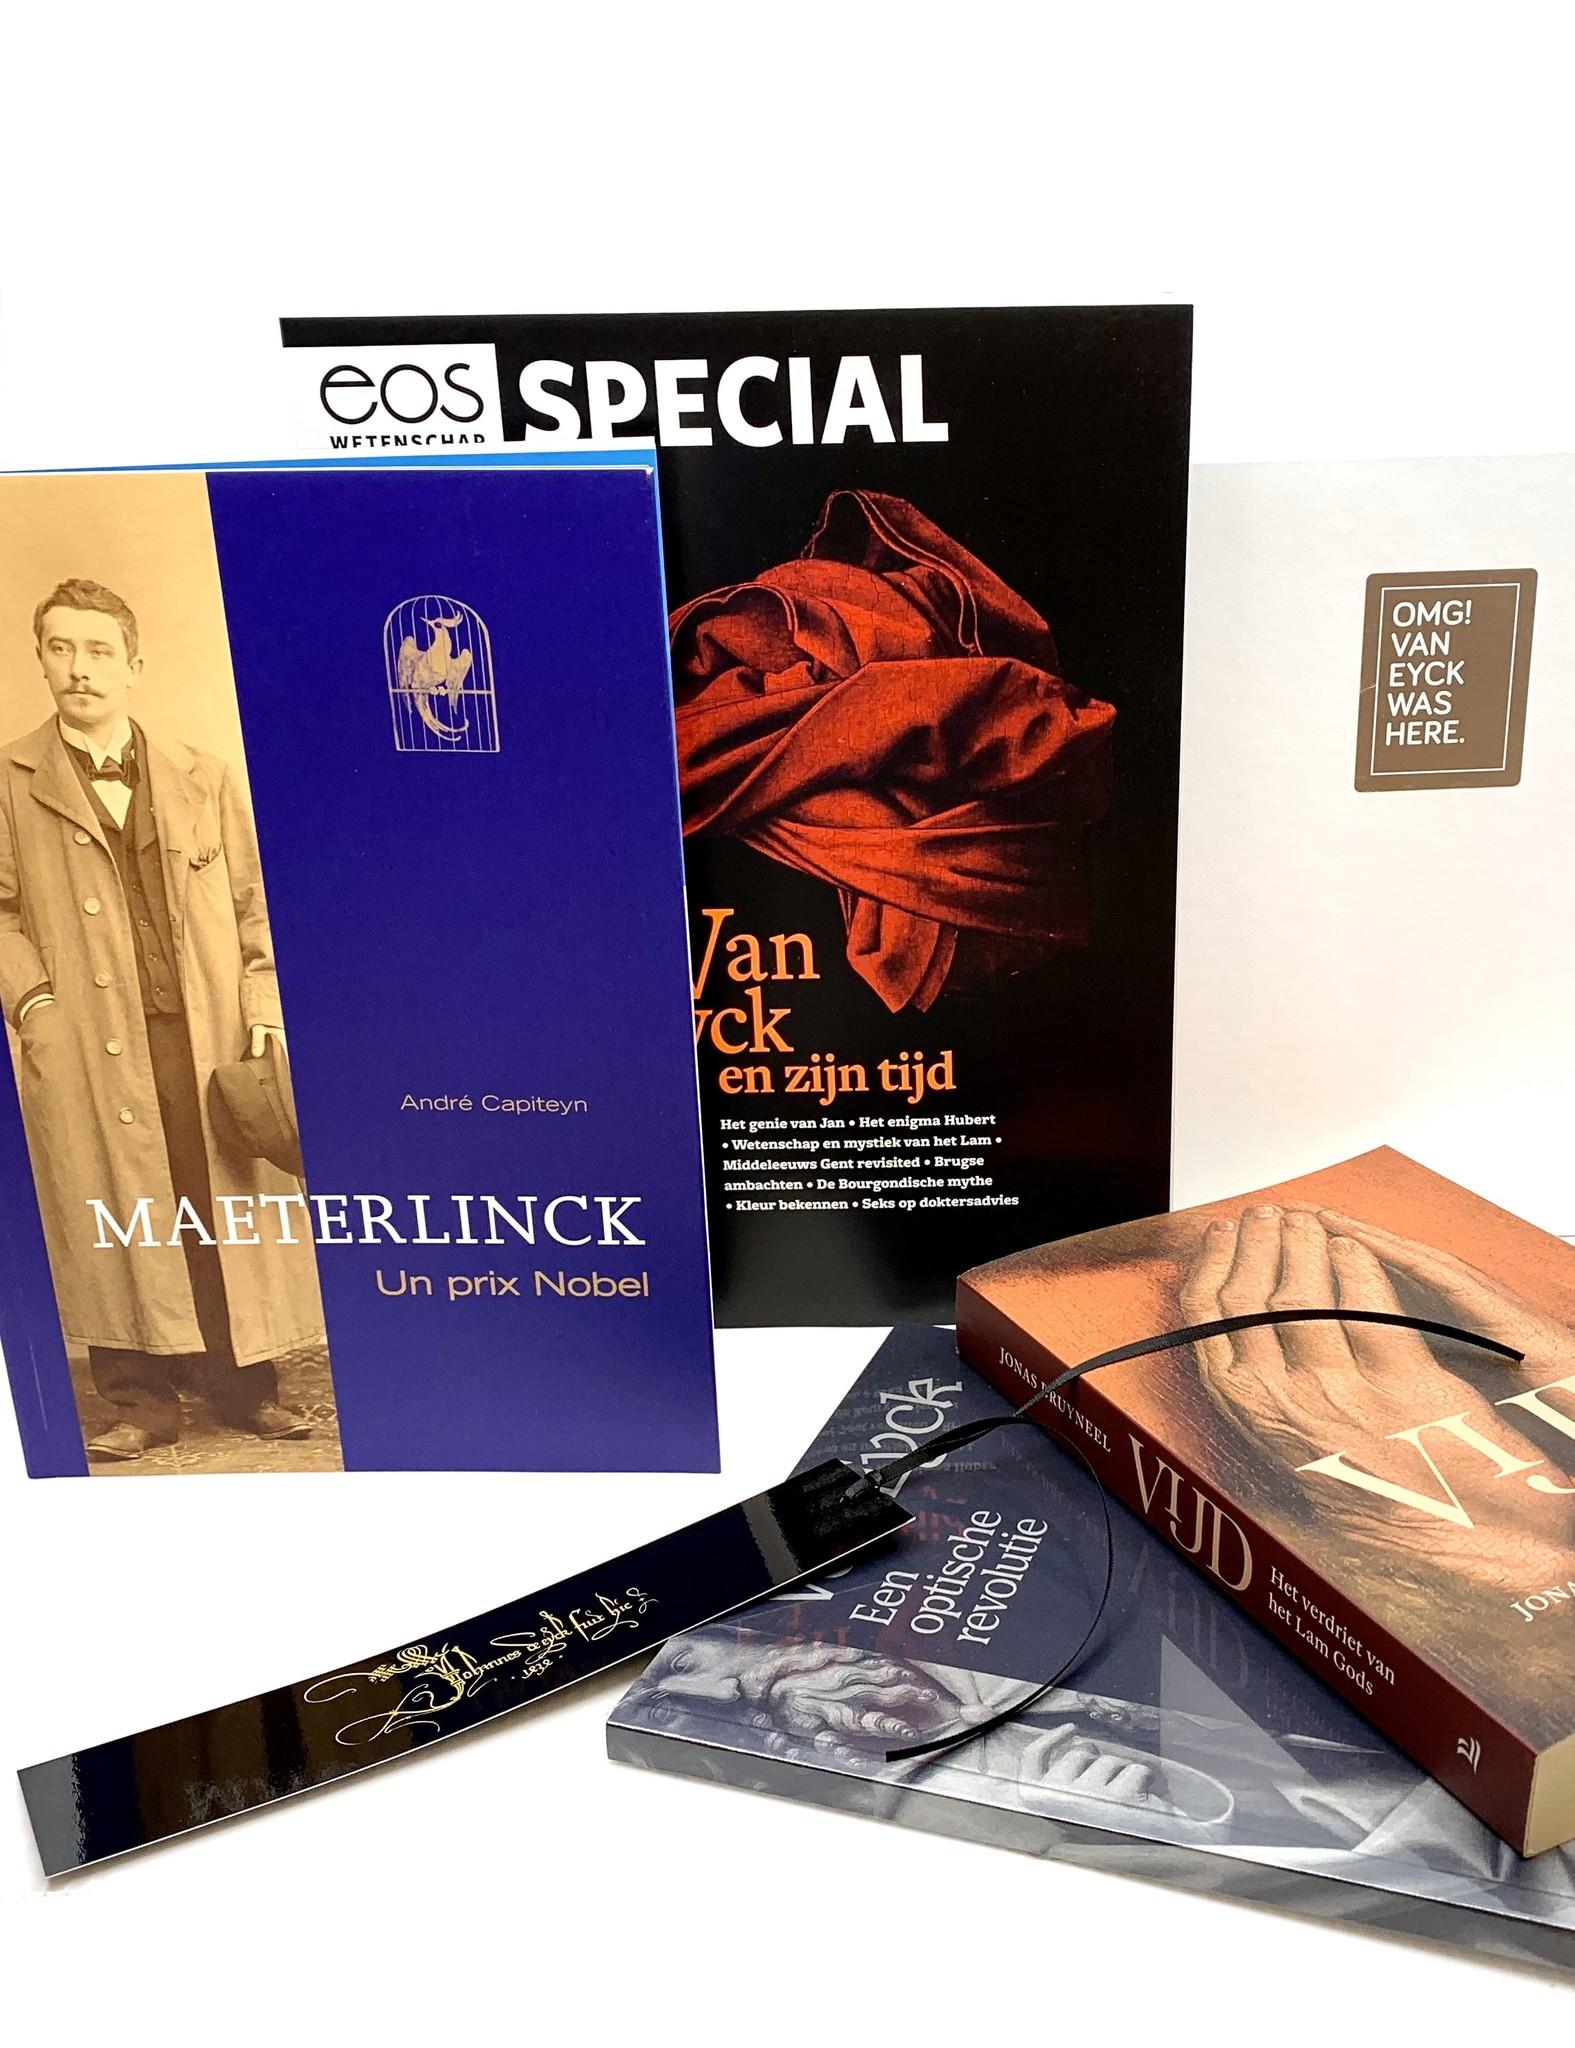 Van Eyck shop Cadeaupakket 'Boekenwurm'